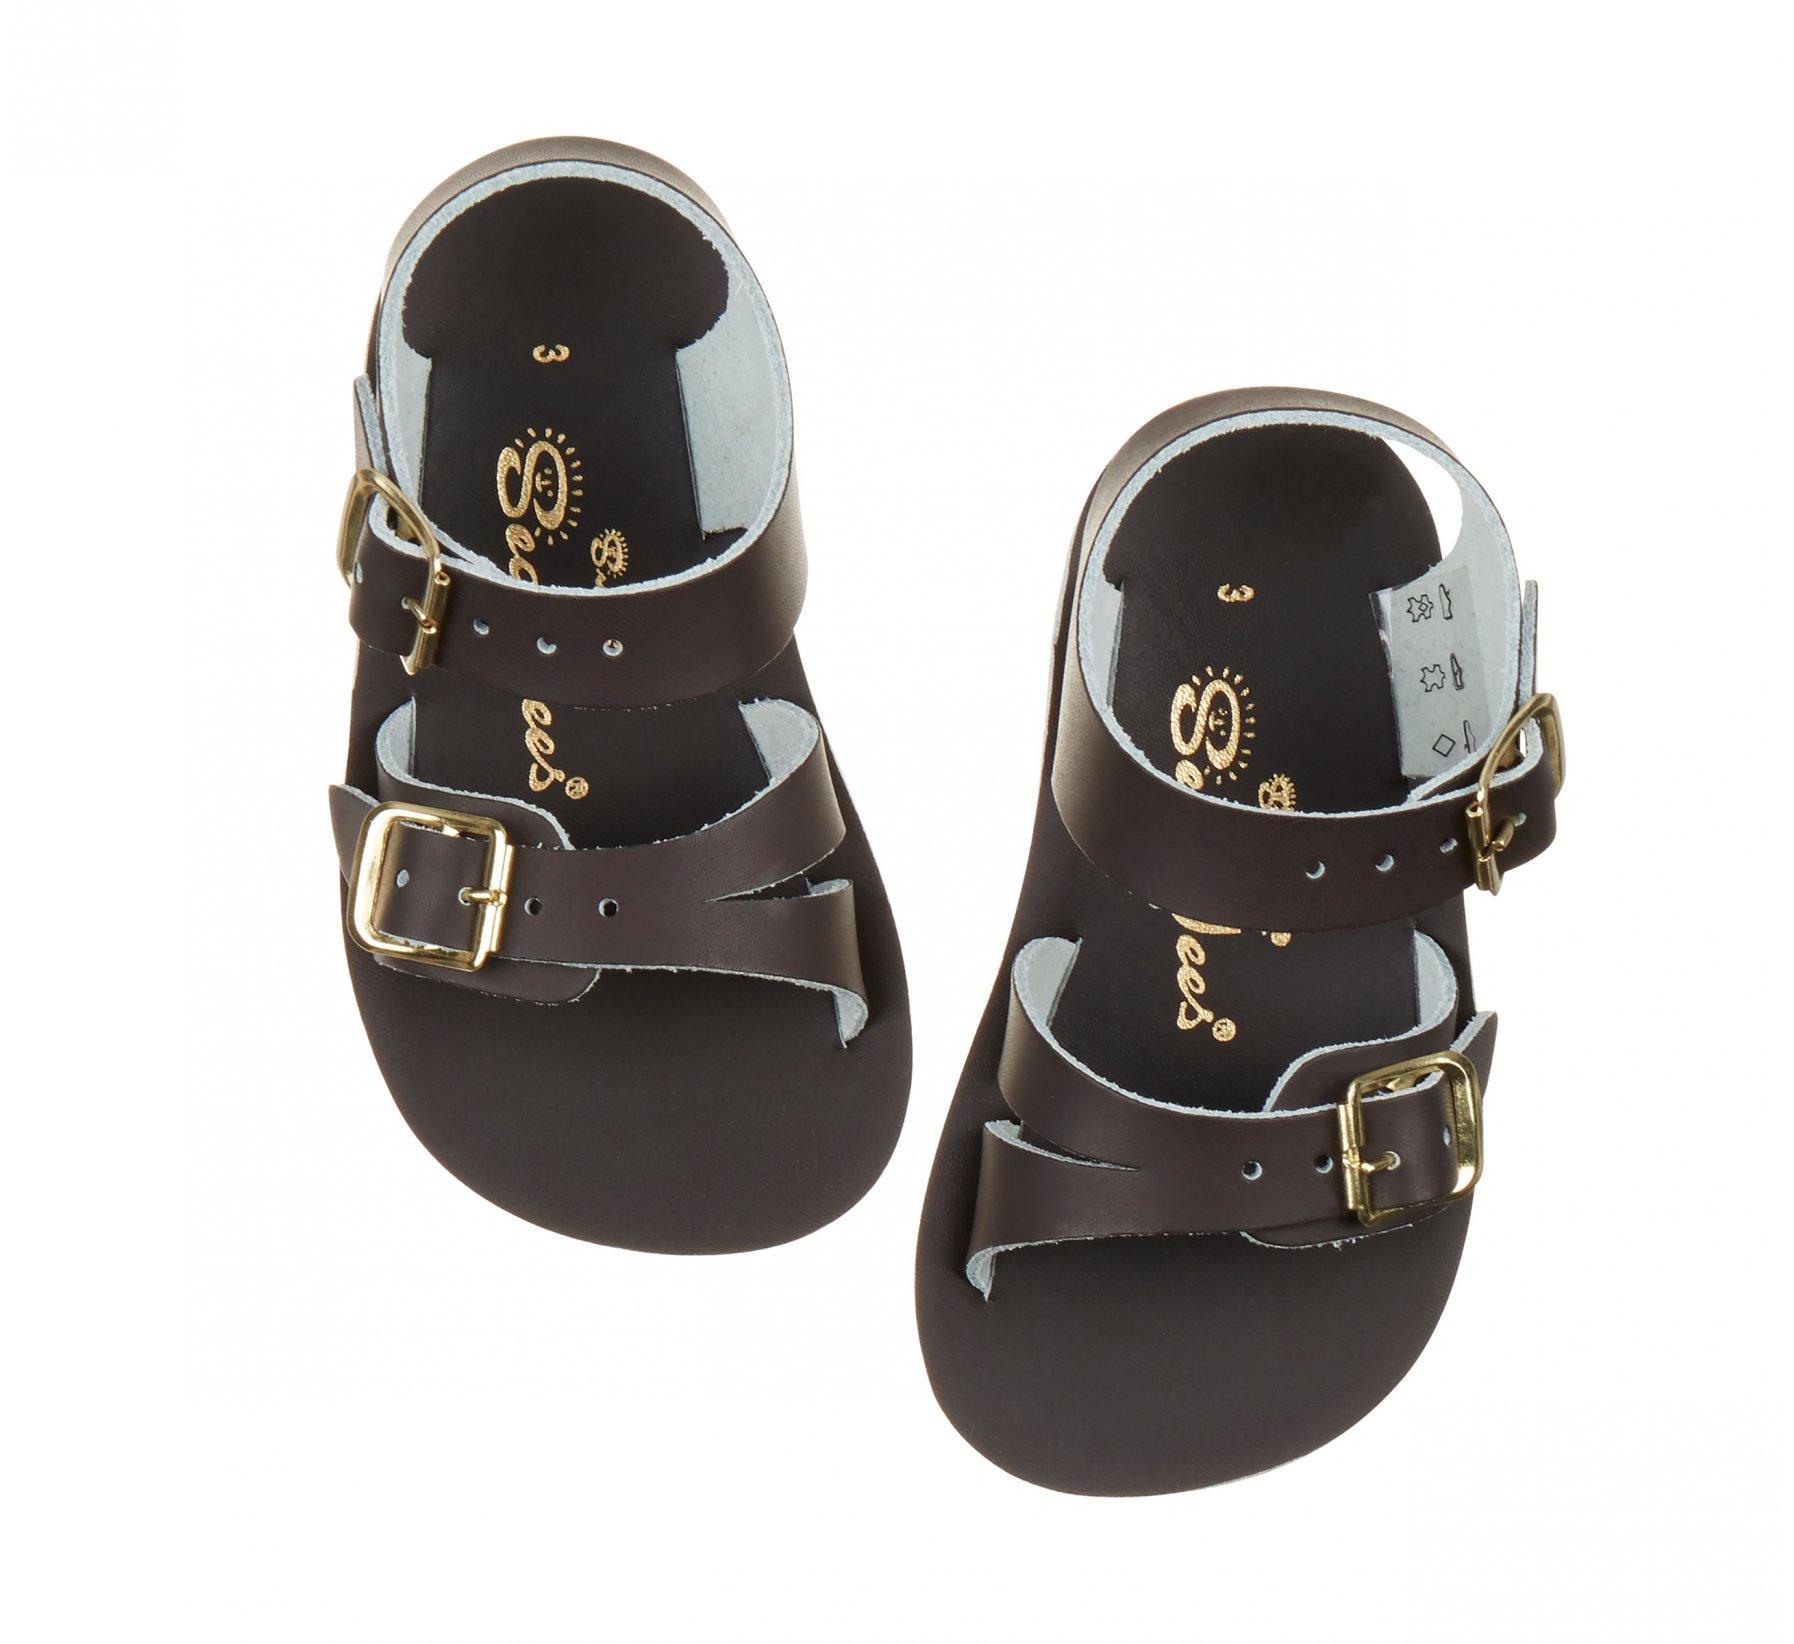 Seawee Brown - Salt Water Sandals